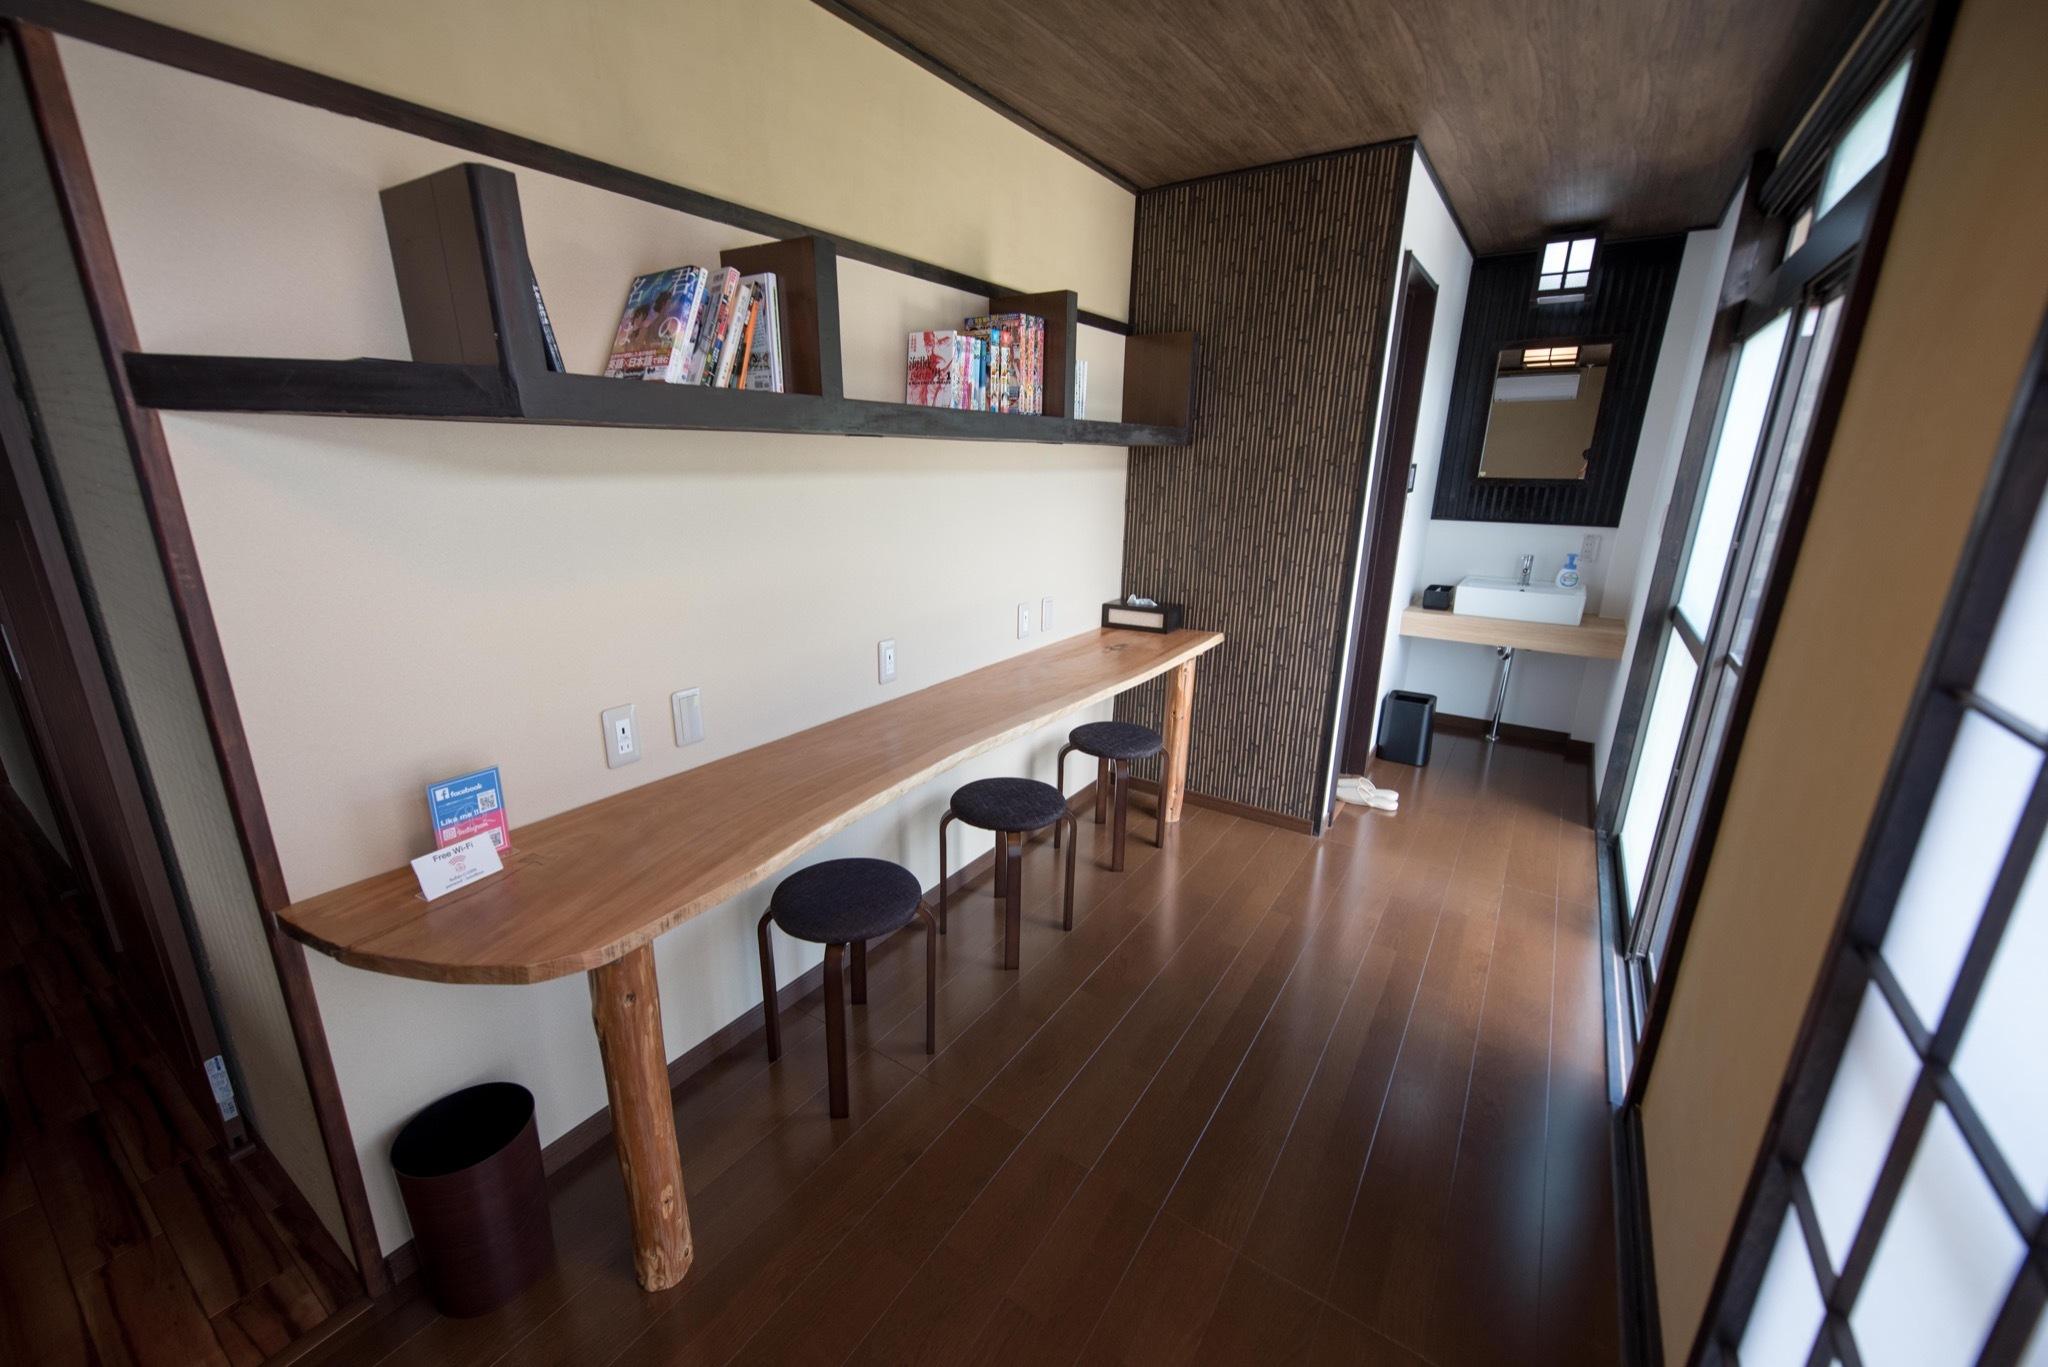 2階共用スペース / 2F Common space